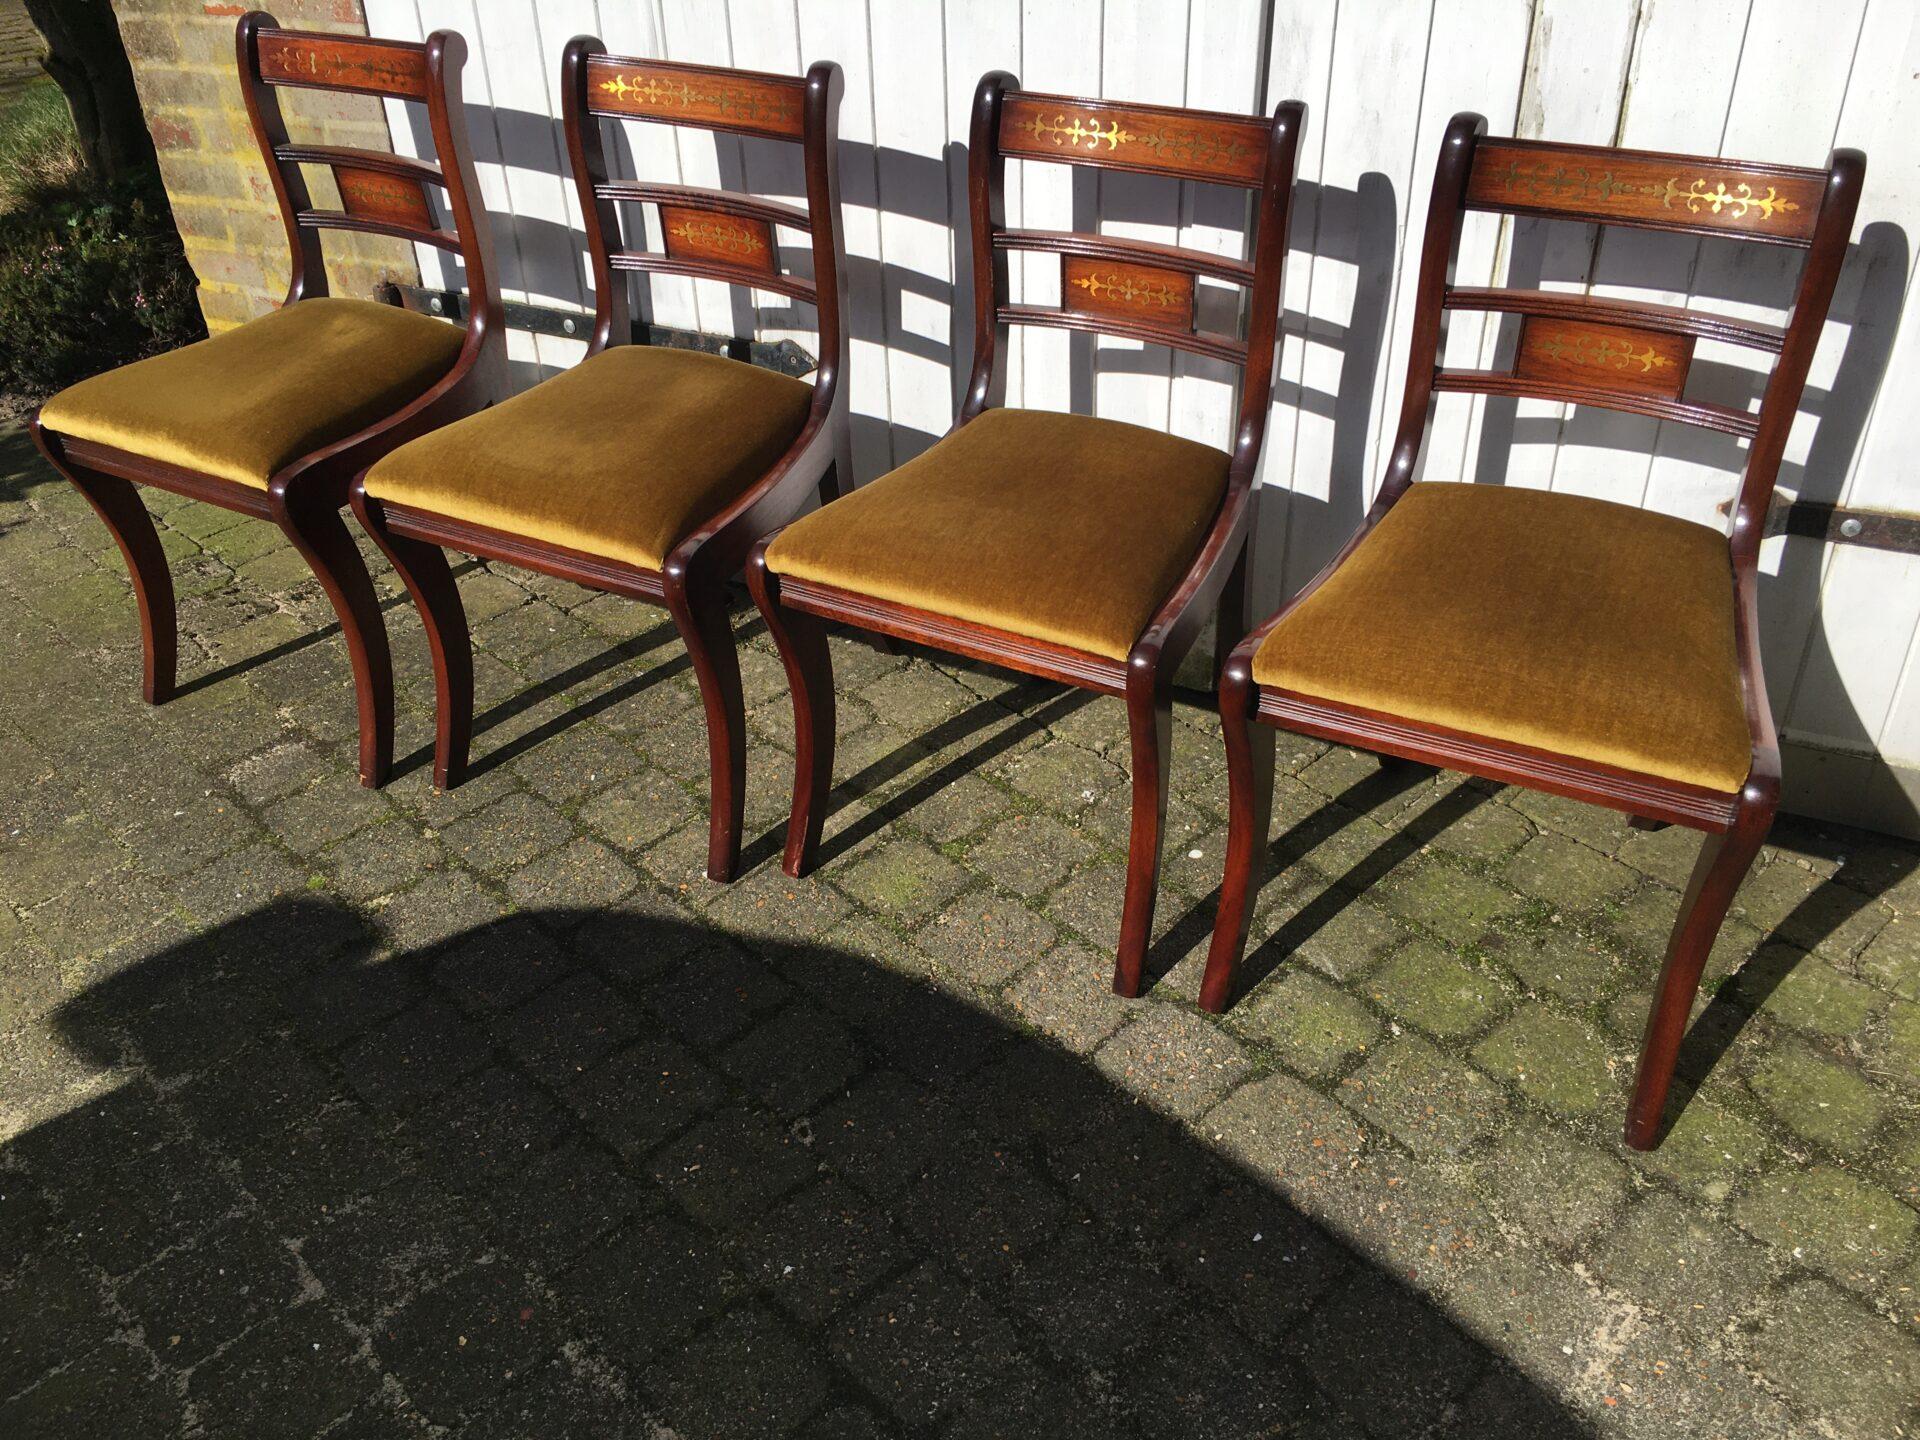 4 stk stole af mahogni med indlagt messing, velholdte, samlet pris 800 kr.  NU UDSALG: ialt 400kr